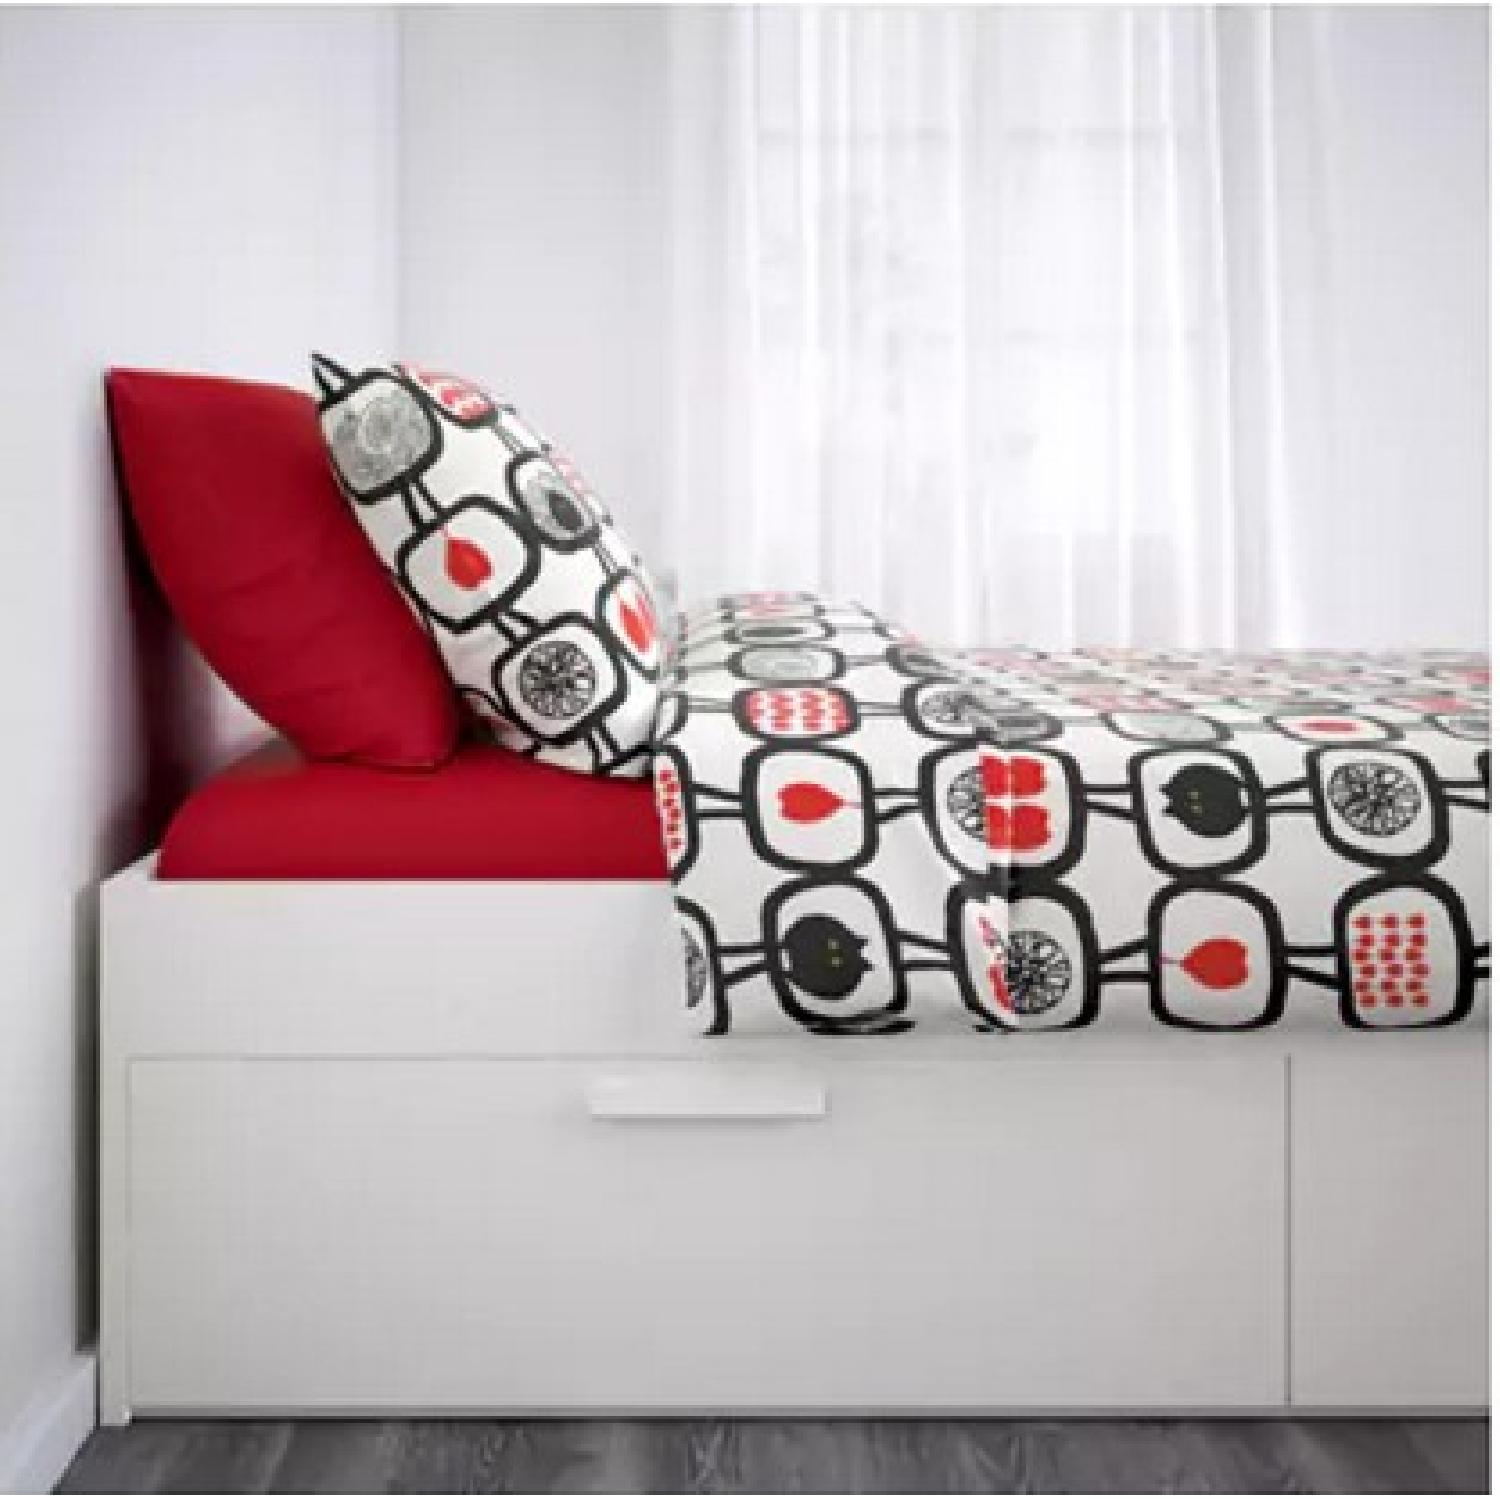 Ikea Brimnes Queen Size Bed Frame w/ Storage - image-4